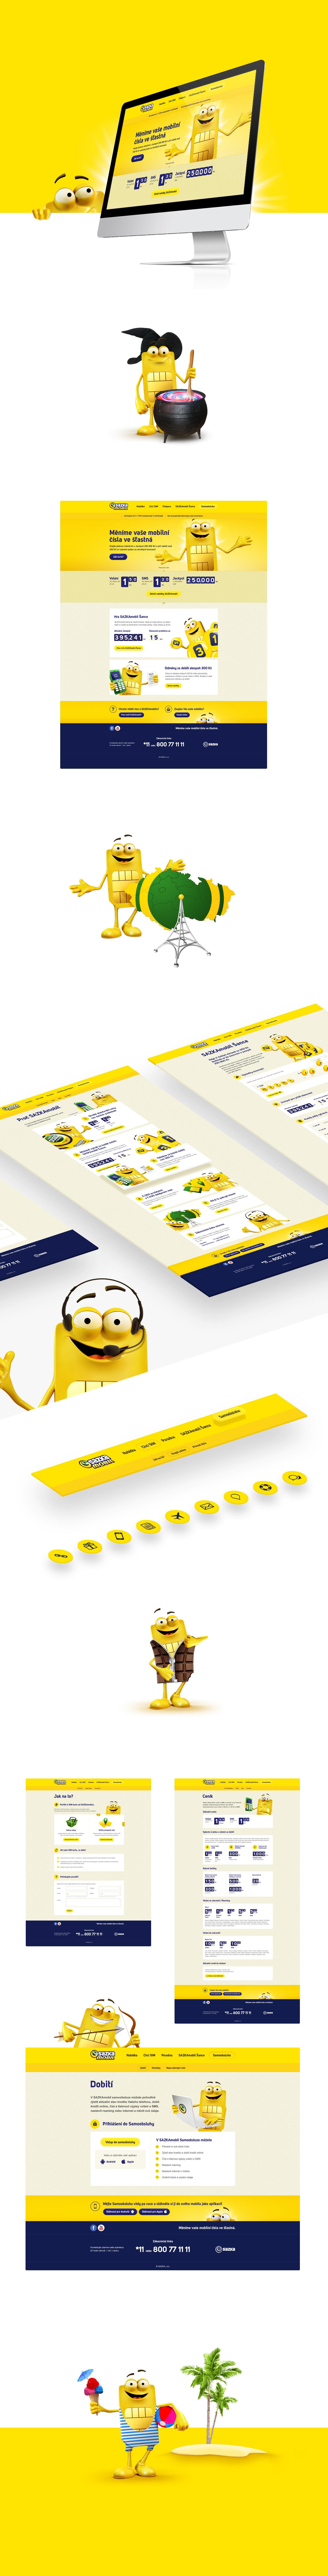 mobile cellphone lucky simcard yellow Fun operator